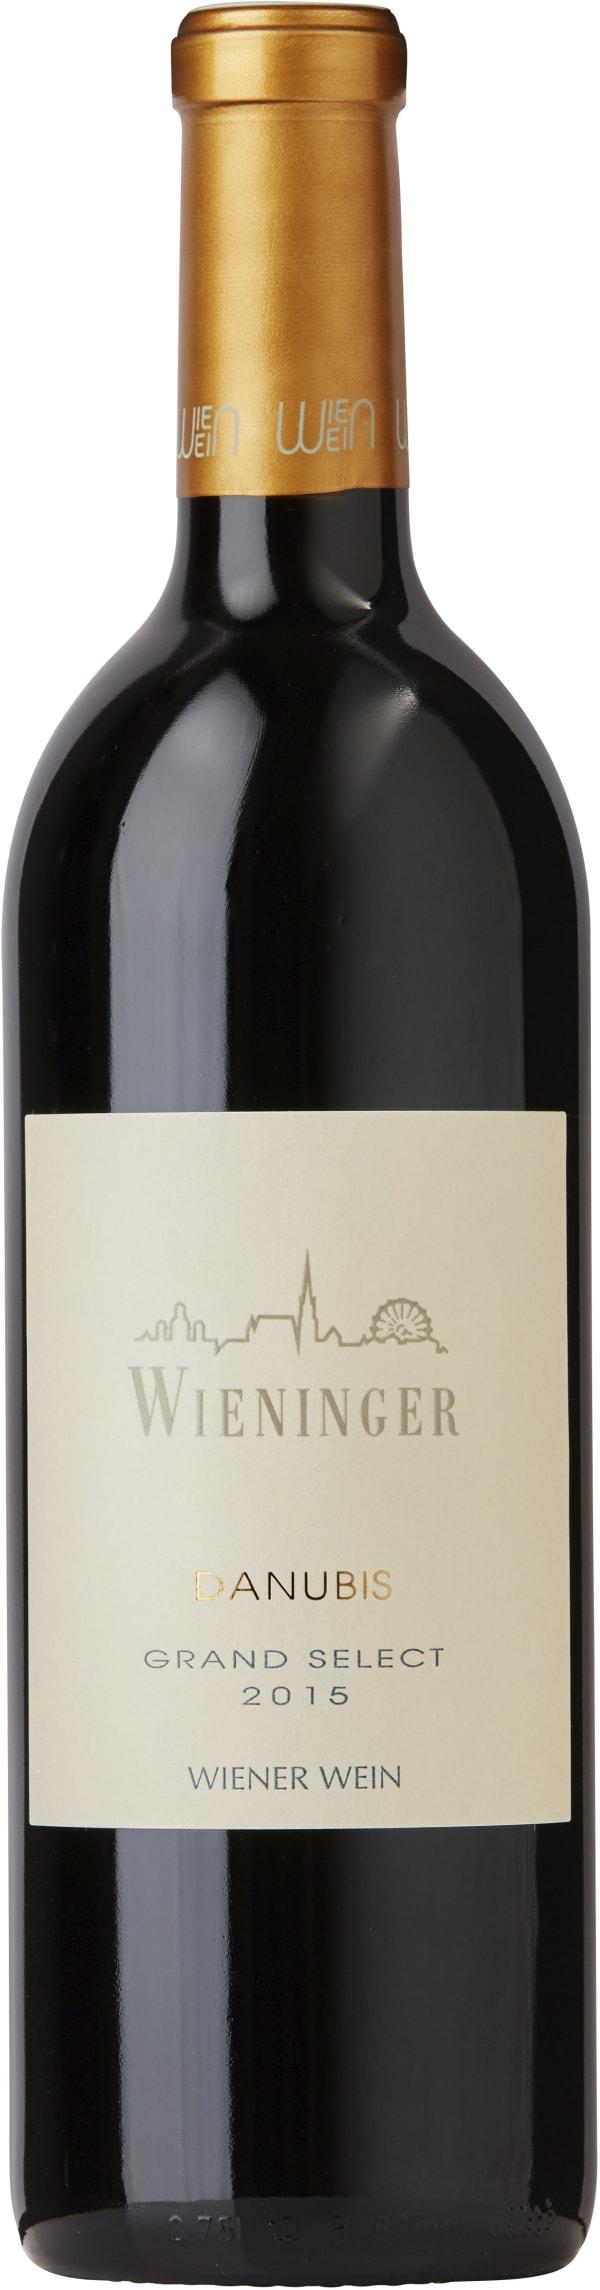 Wieninger Danubis Grand Select 2015